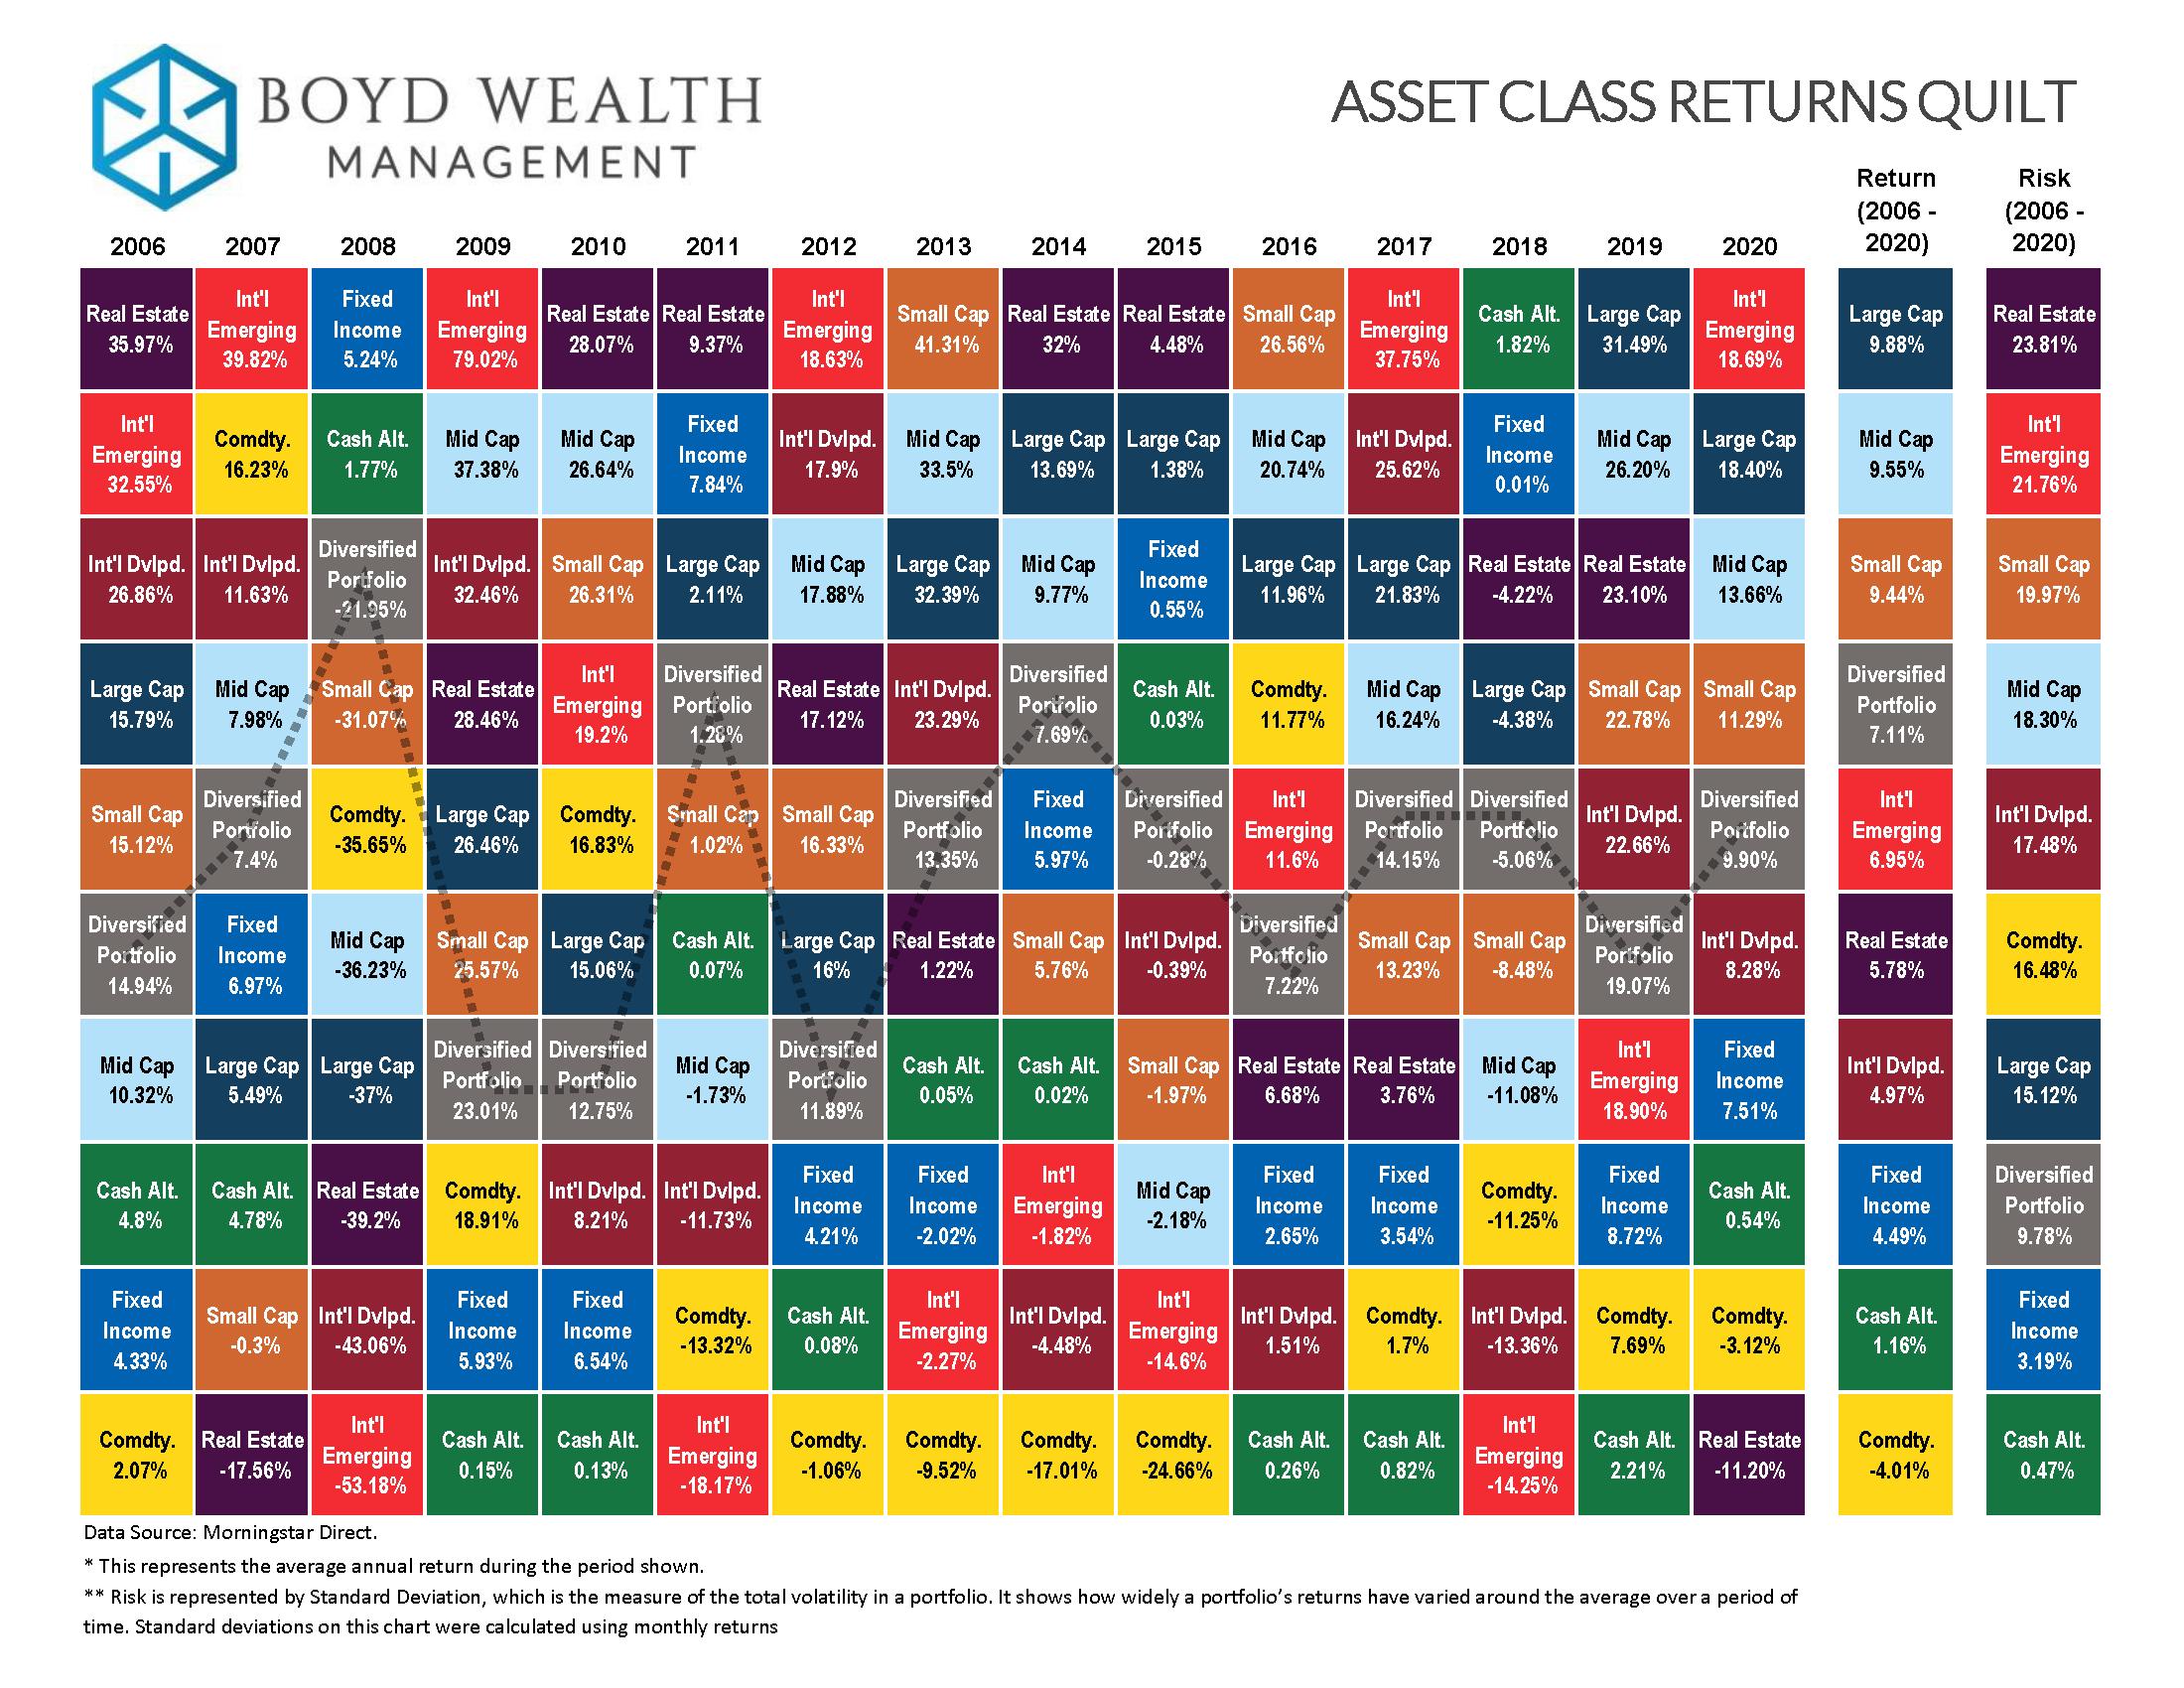 2021 Asset Class Returns Quilt